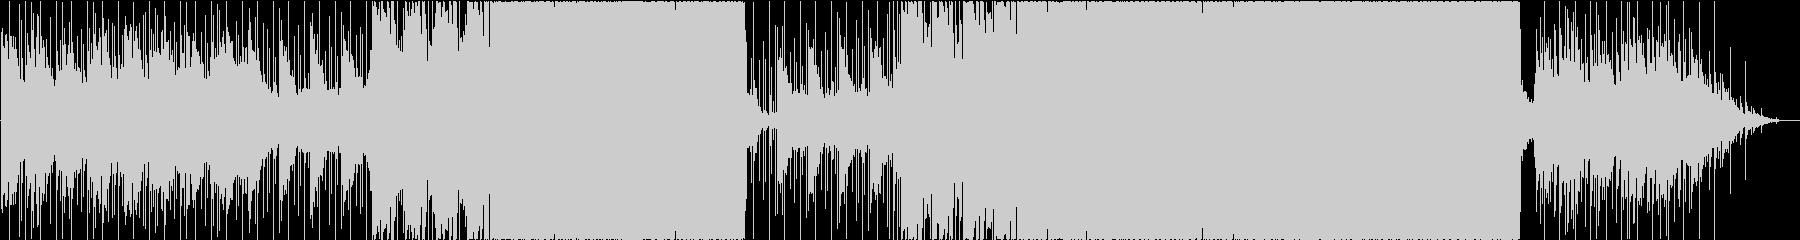 ロック、オルタナティブロックの未再生の波形